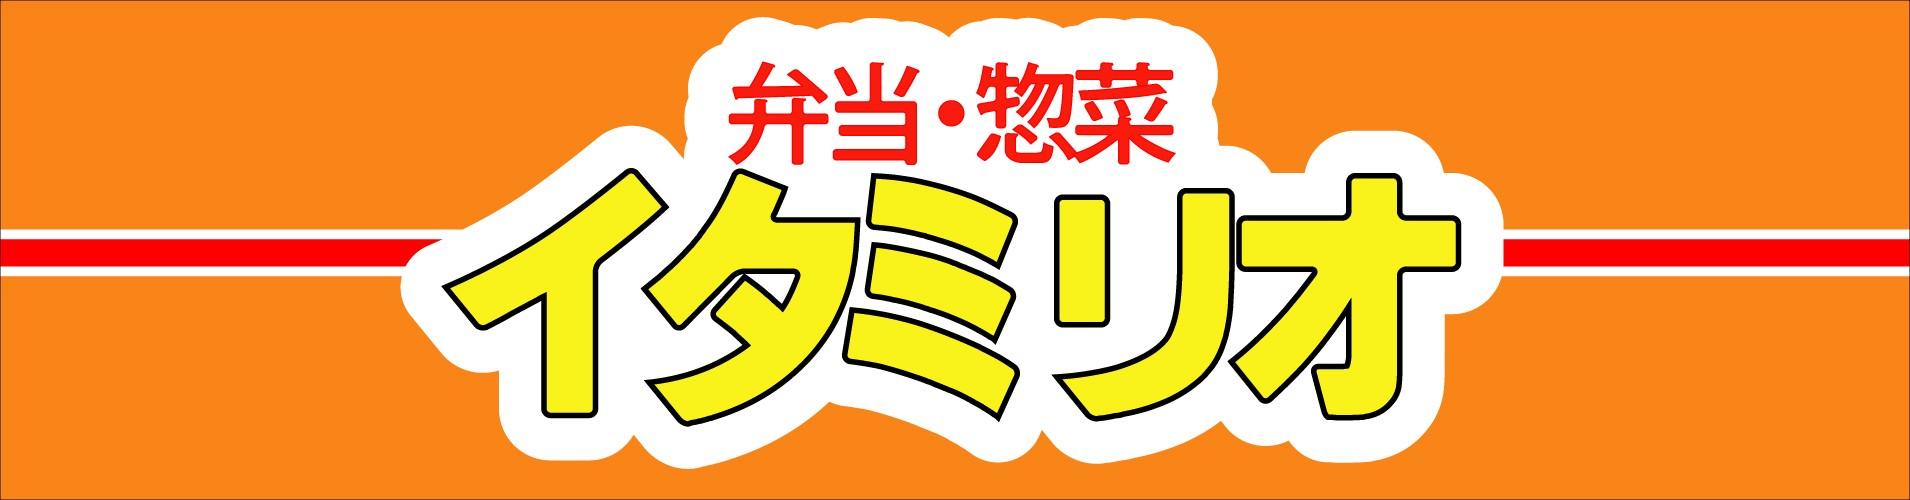 イタミリオ 店舗ロゴ